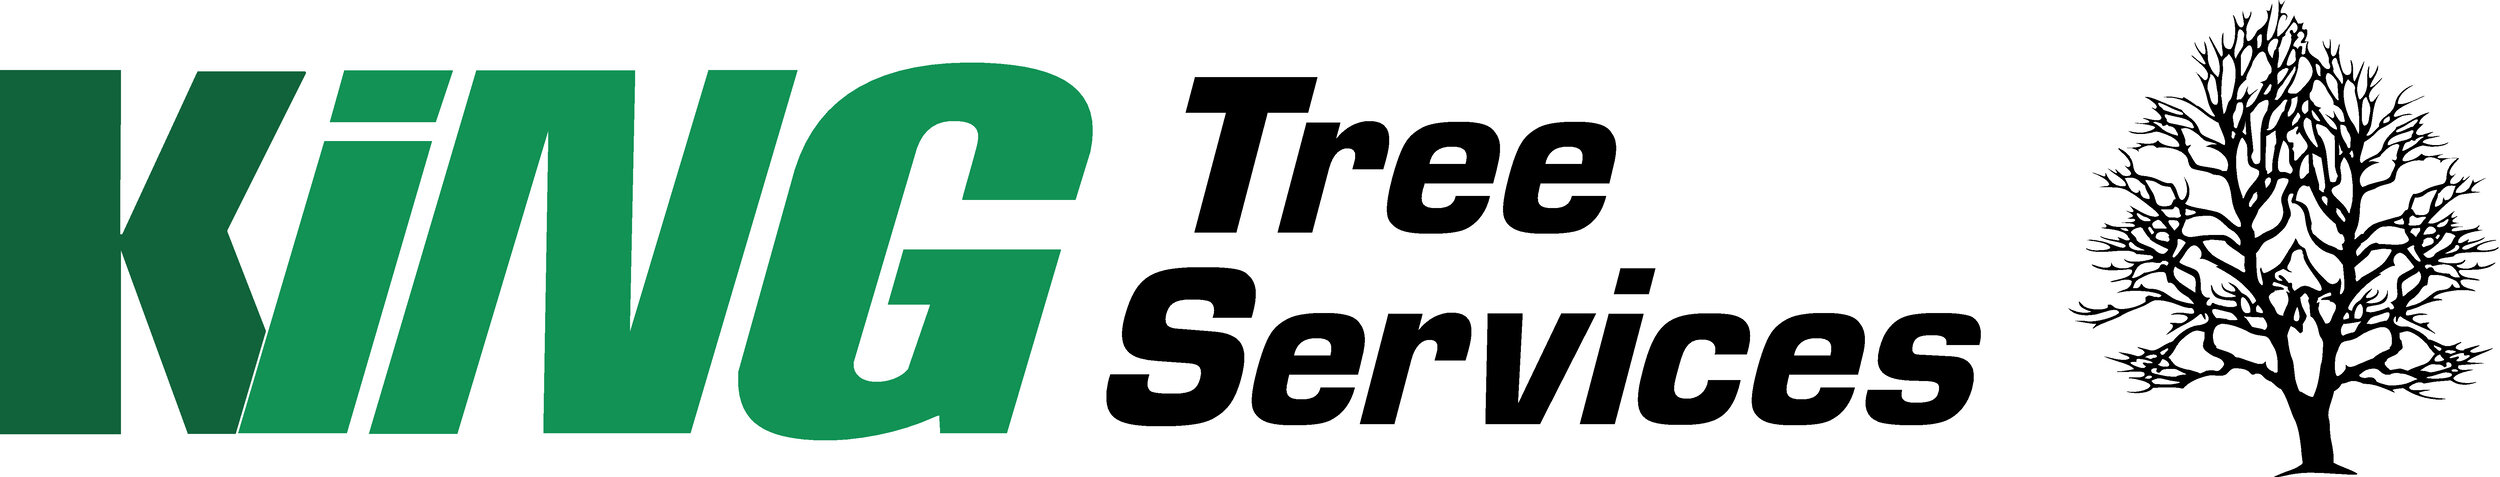 king tree1 logo.JPG